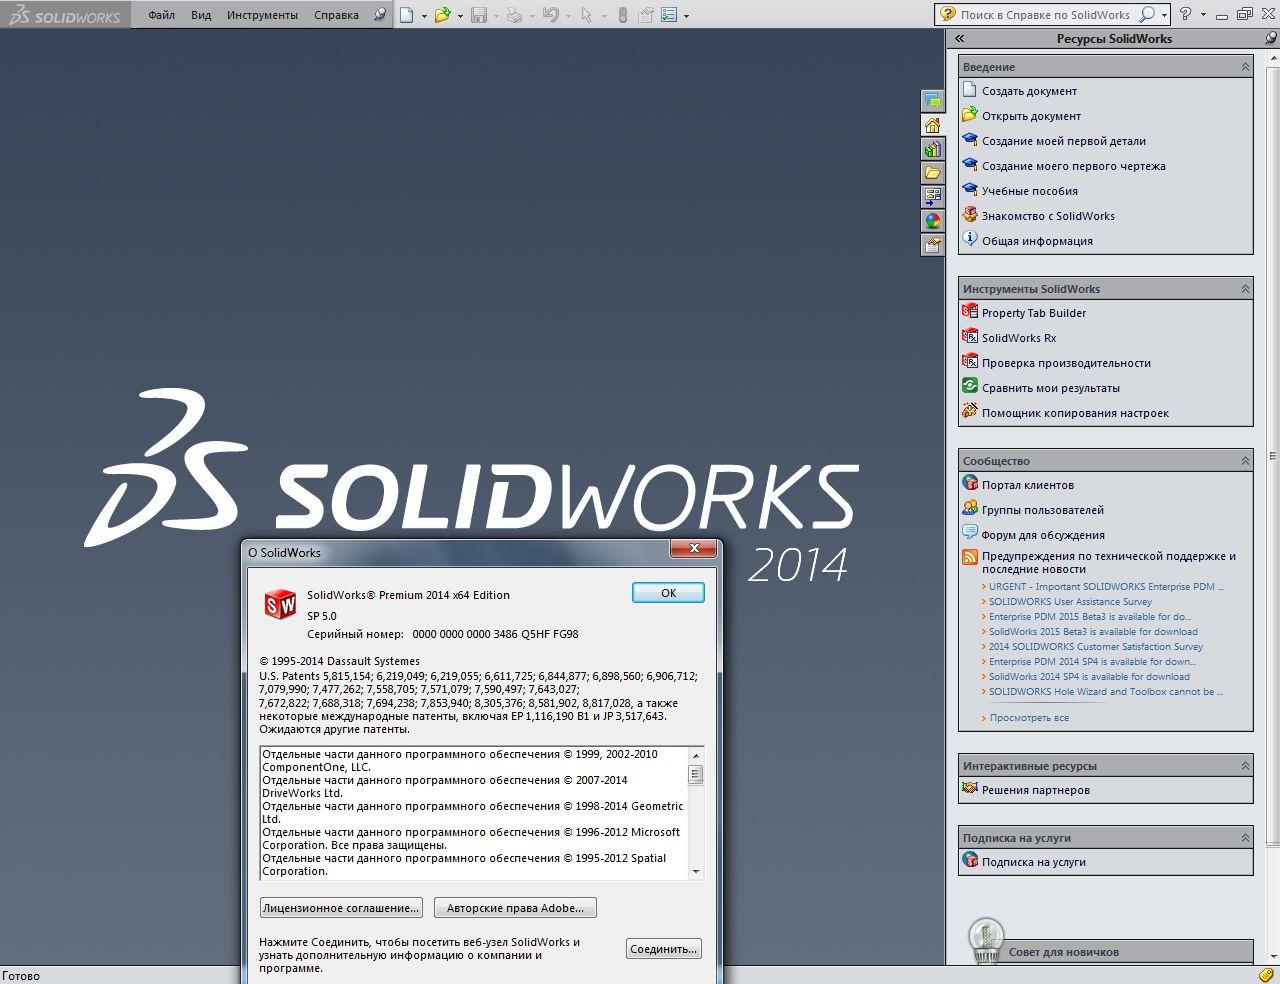 SolidWorks Premium Edition 2014 SP5.0 Multi / Ru скачать через торрент бесп